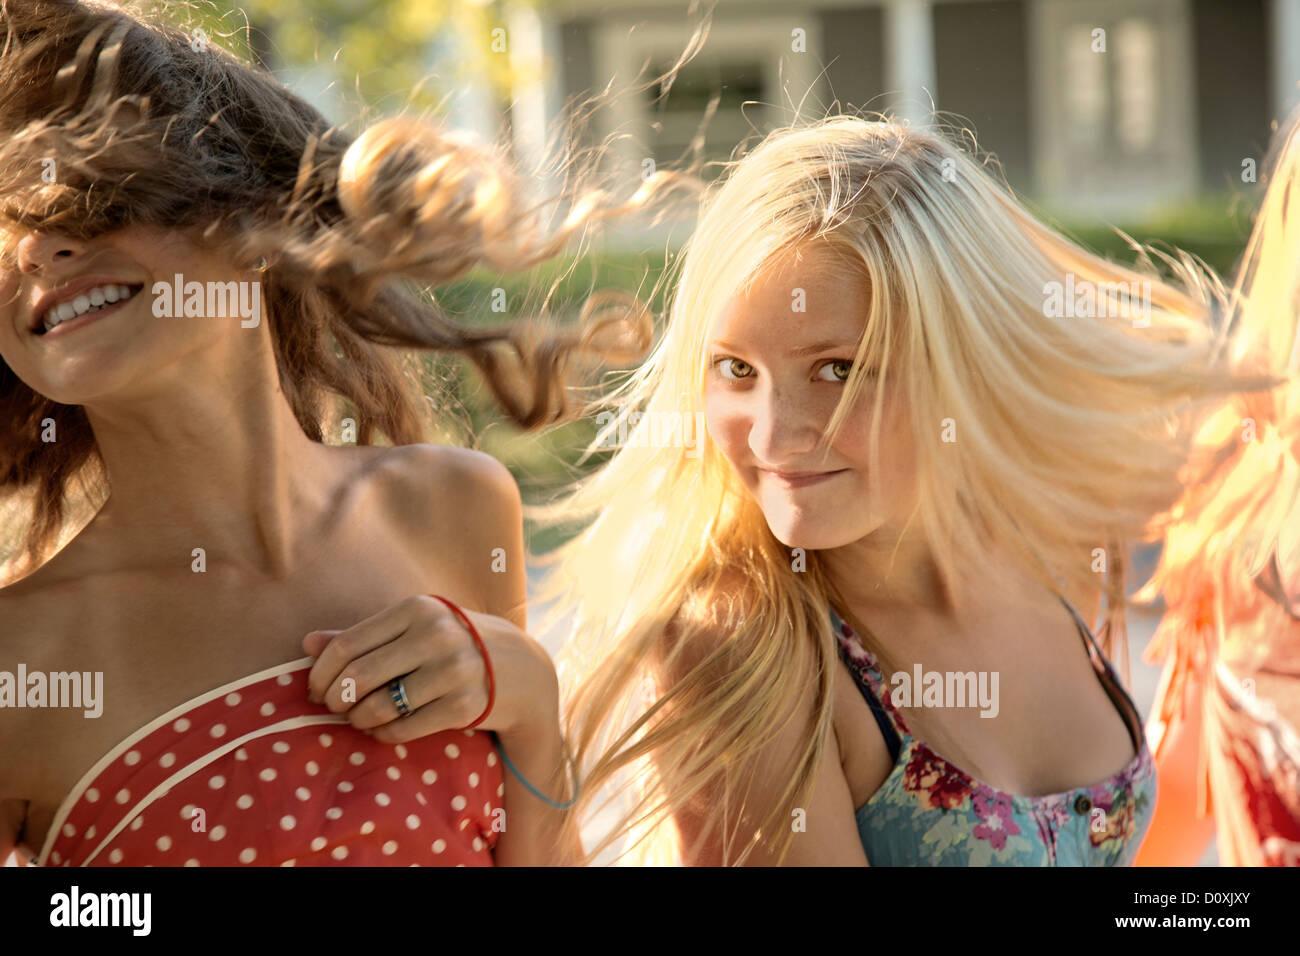 Les filles aux cheveux longs dans la lumière du soleil Photo Stock